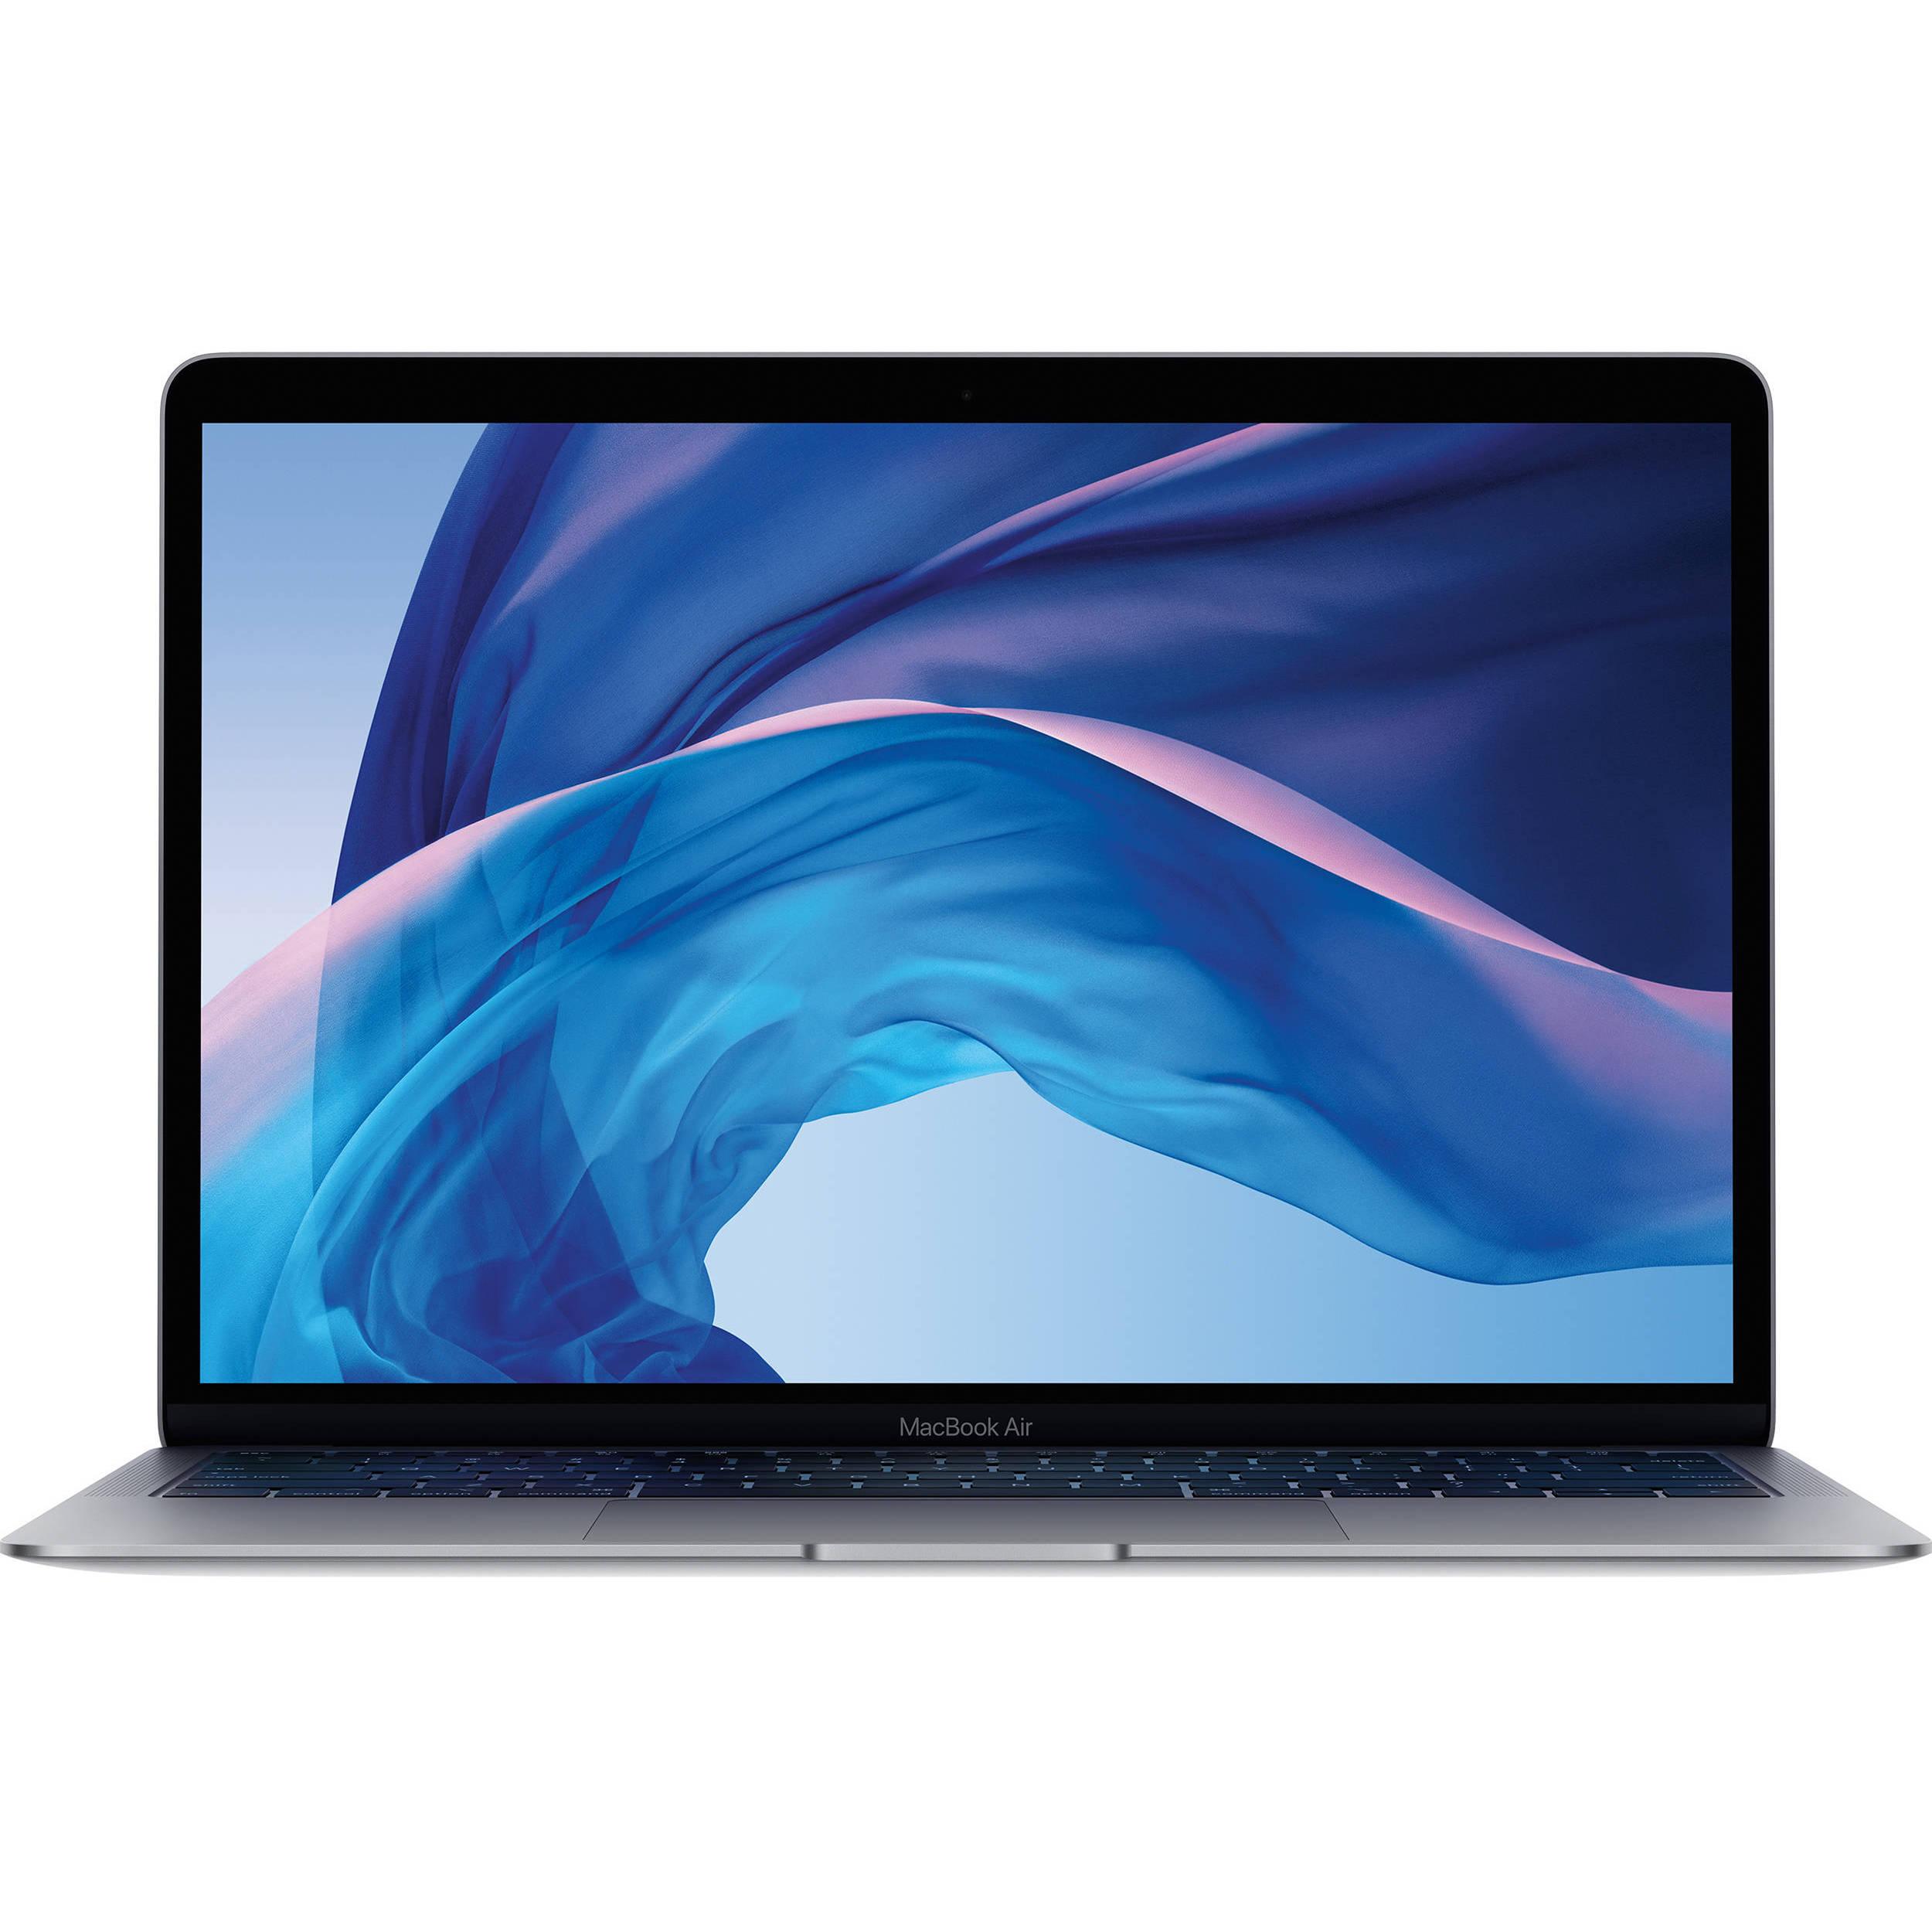 Apple MacBook Air (13-inch Retina display)